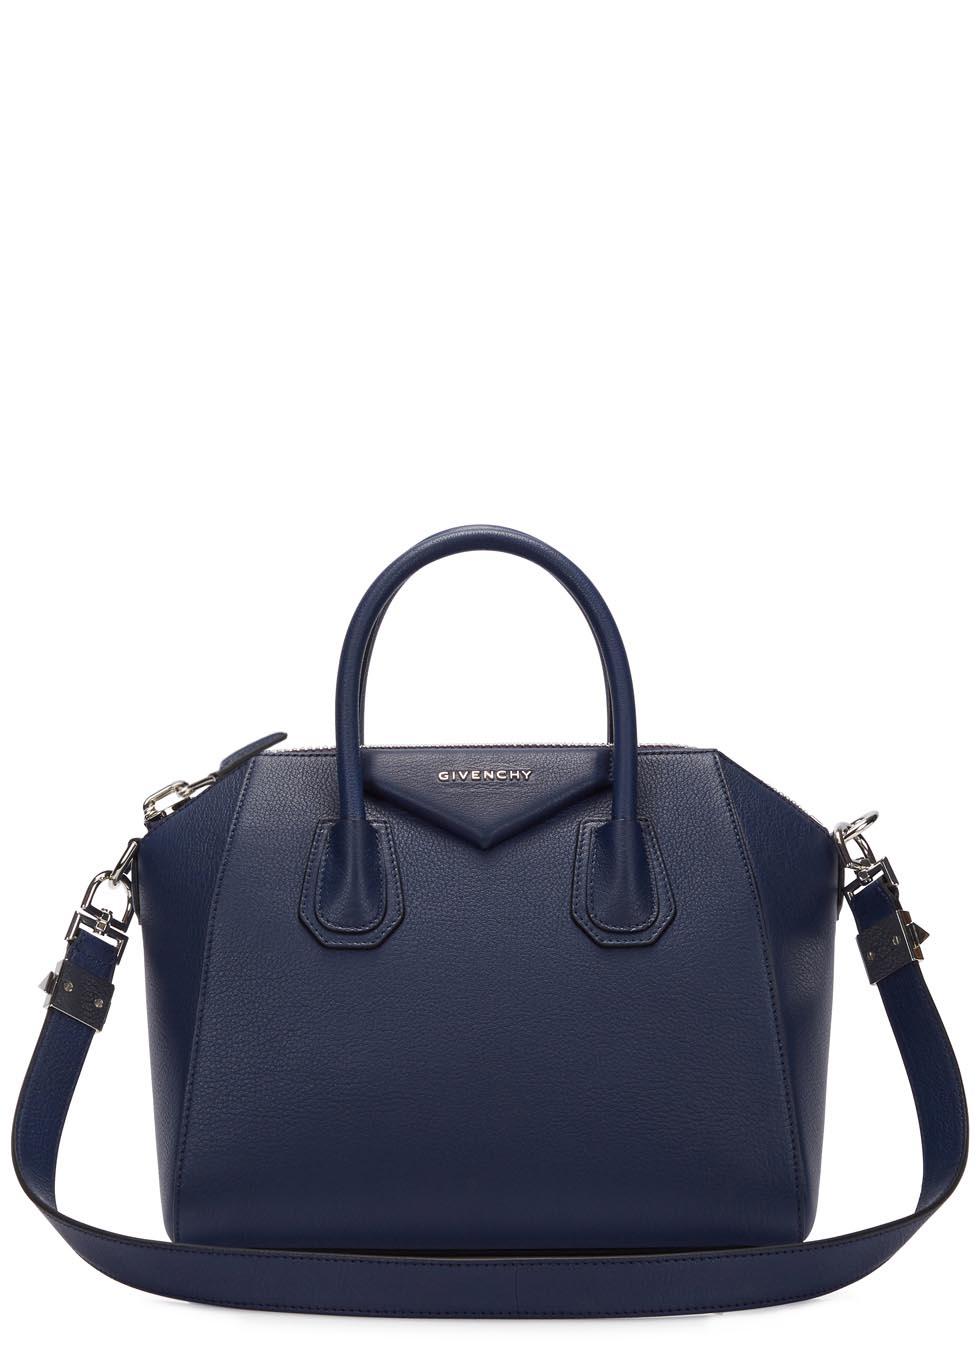 c733186c344b Givenchy antigona small navy leather tote in blue lyst jpg 980x1372 Givenchy  navy antigona